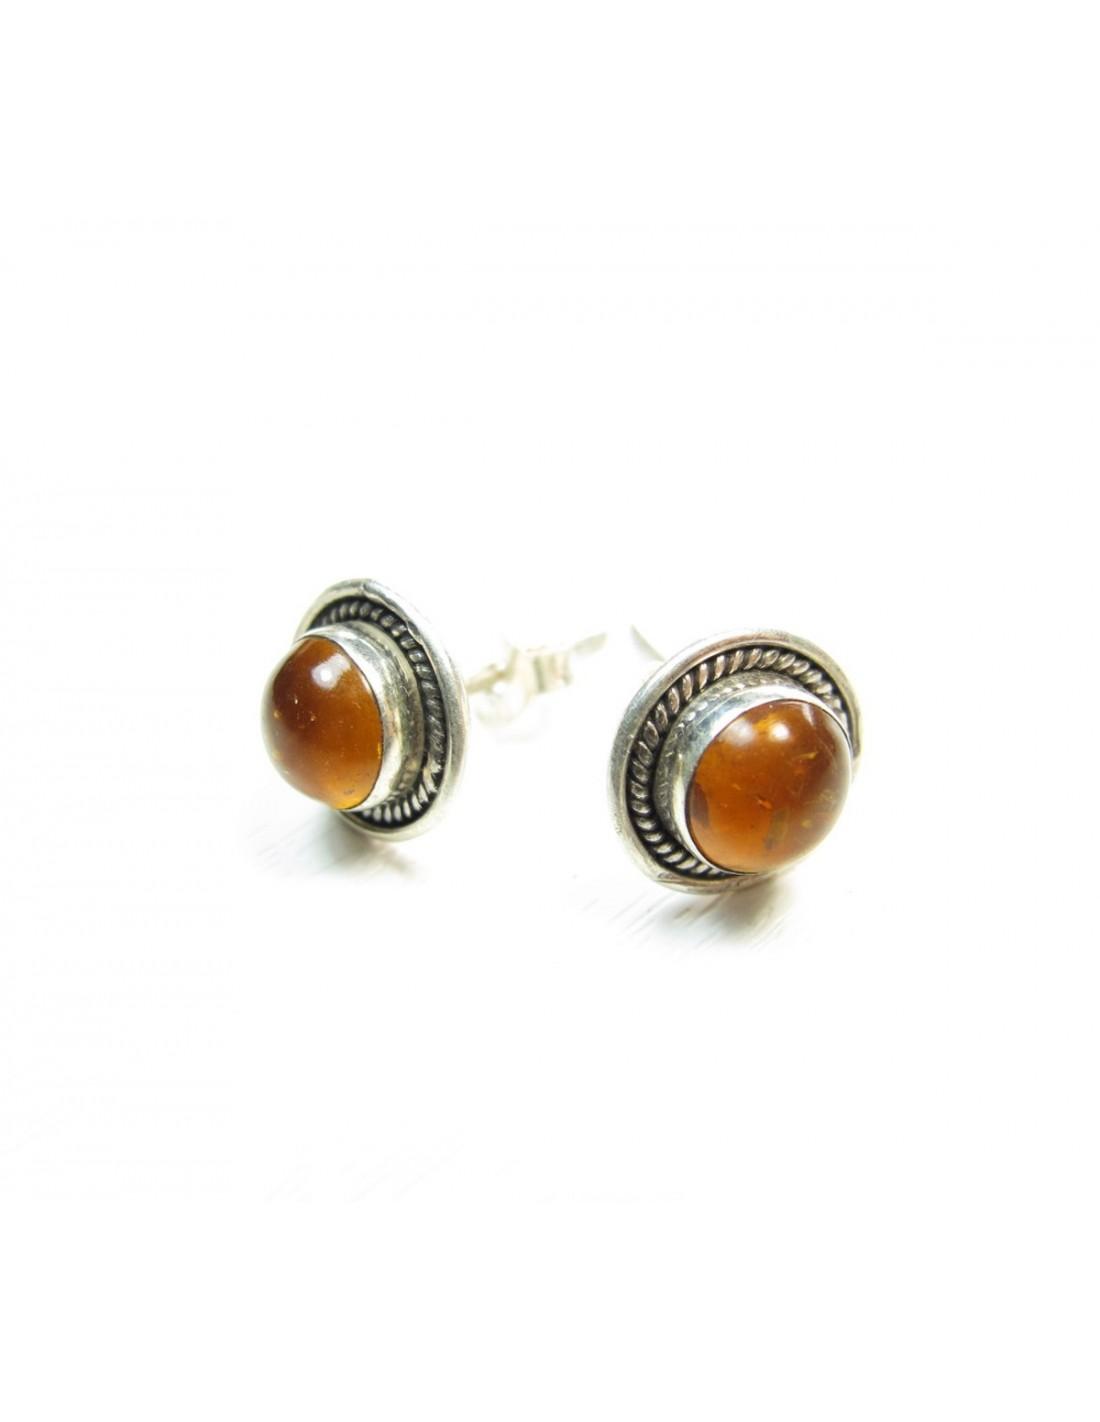 boucle d 39 oreille argent clou rond cisel et ambre bijoux argent et pierres. Black Bedroom Furniture Sets. Home Design Ideas